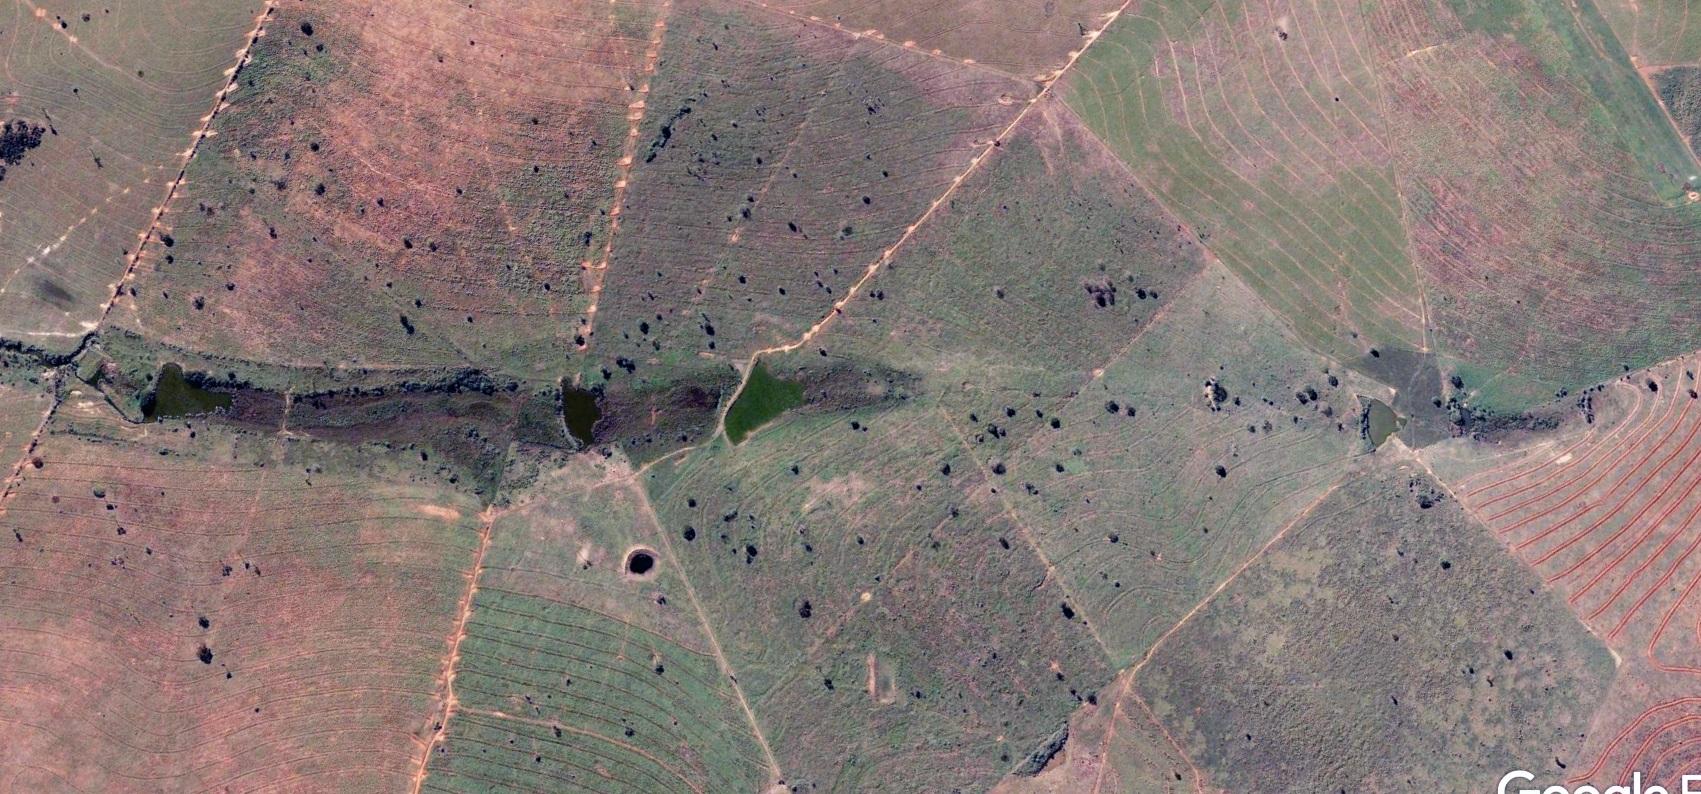 Áreas de Preservação Permanentes (APPs) da Fazenda São Geraldo, em 2009. Foto Acervo pessoal/José Arnaldo Favaretto